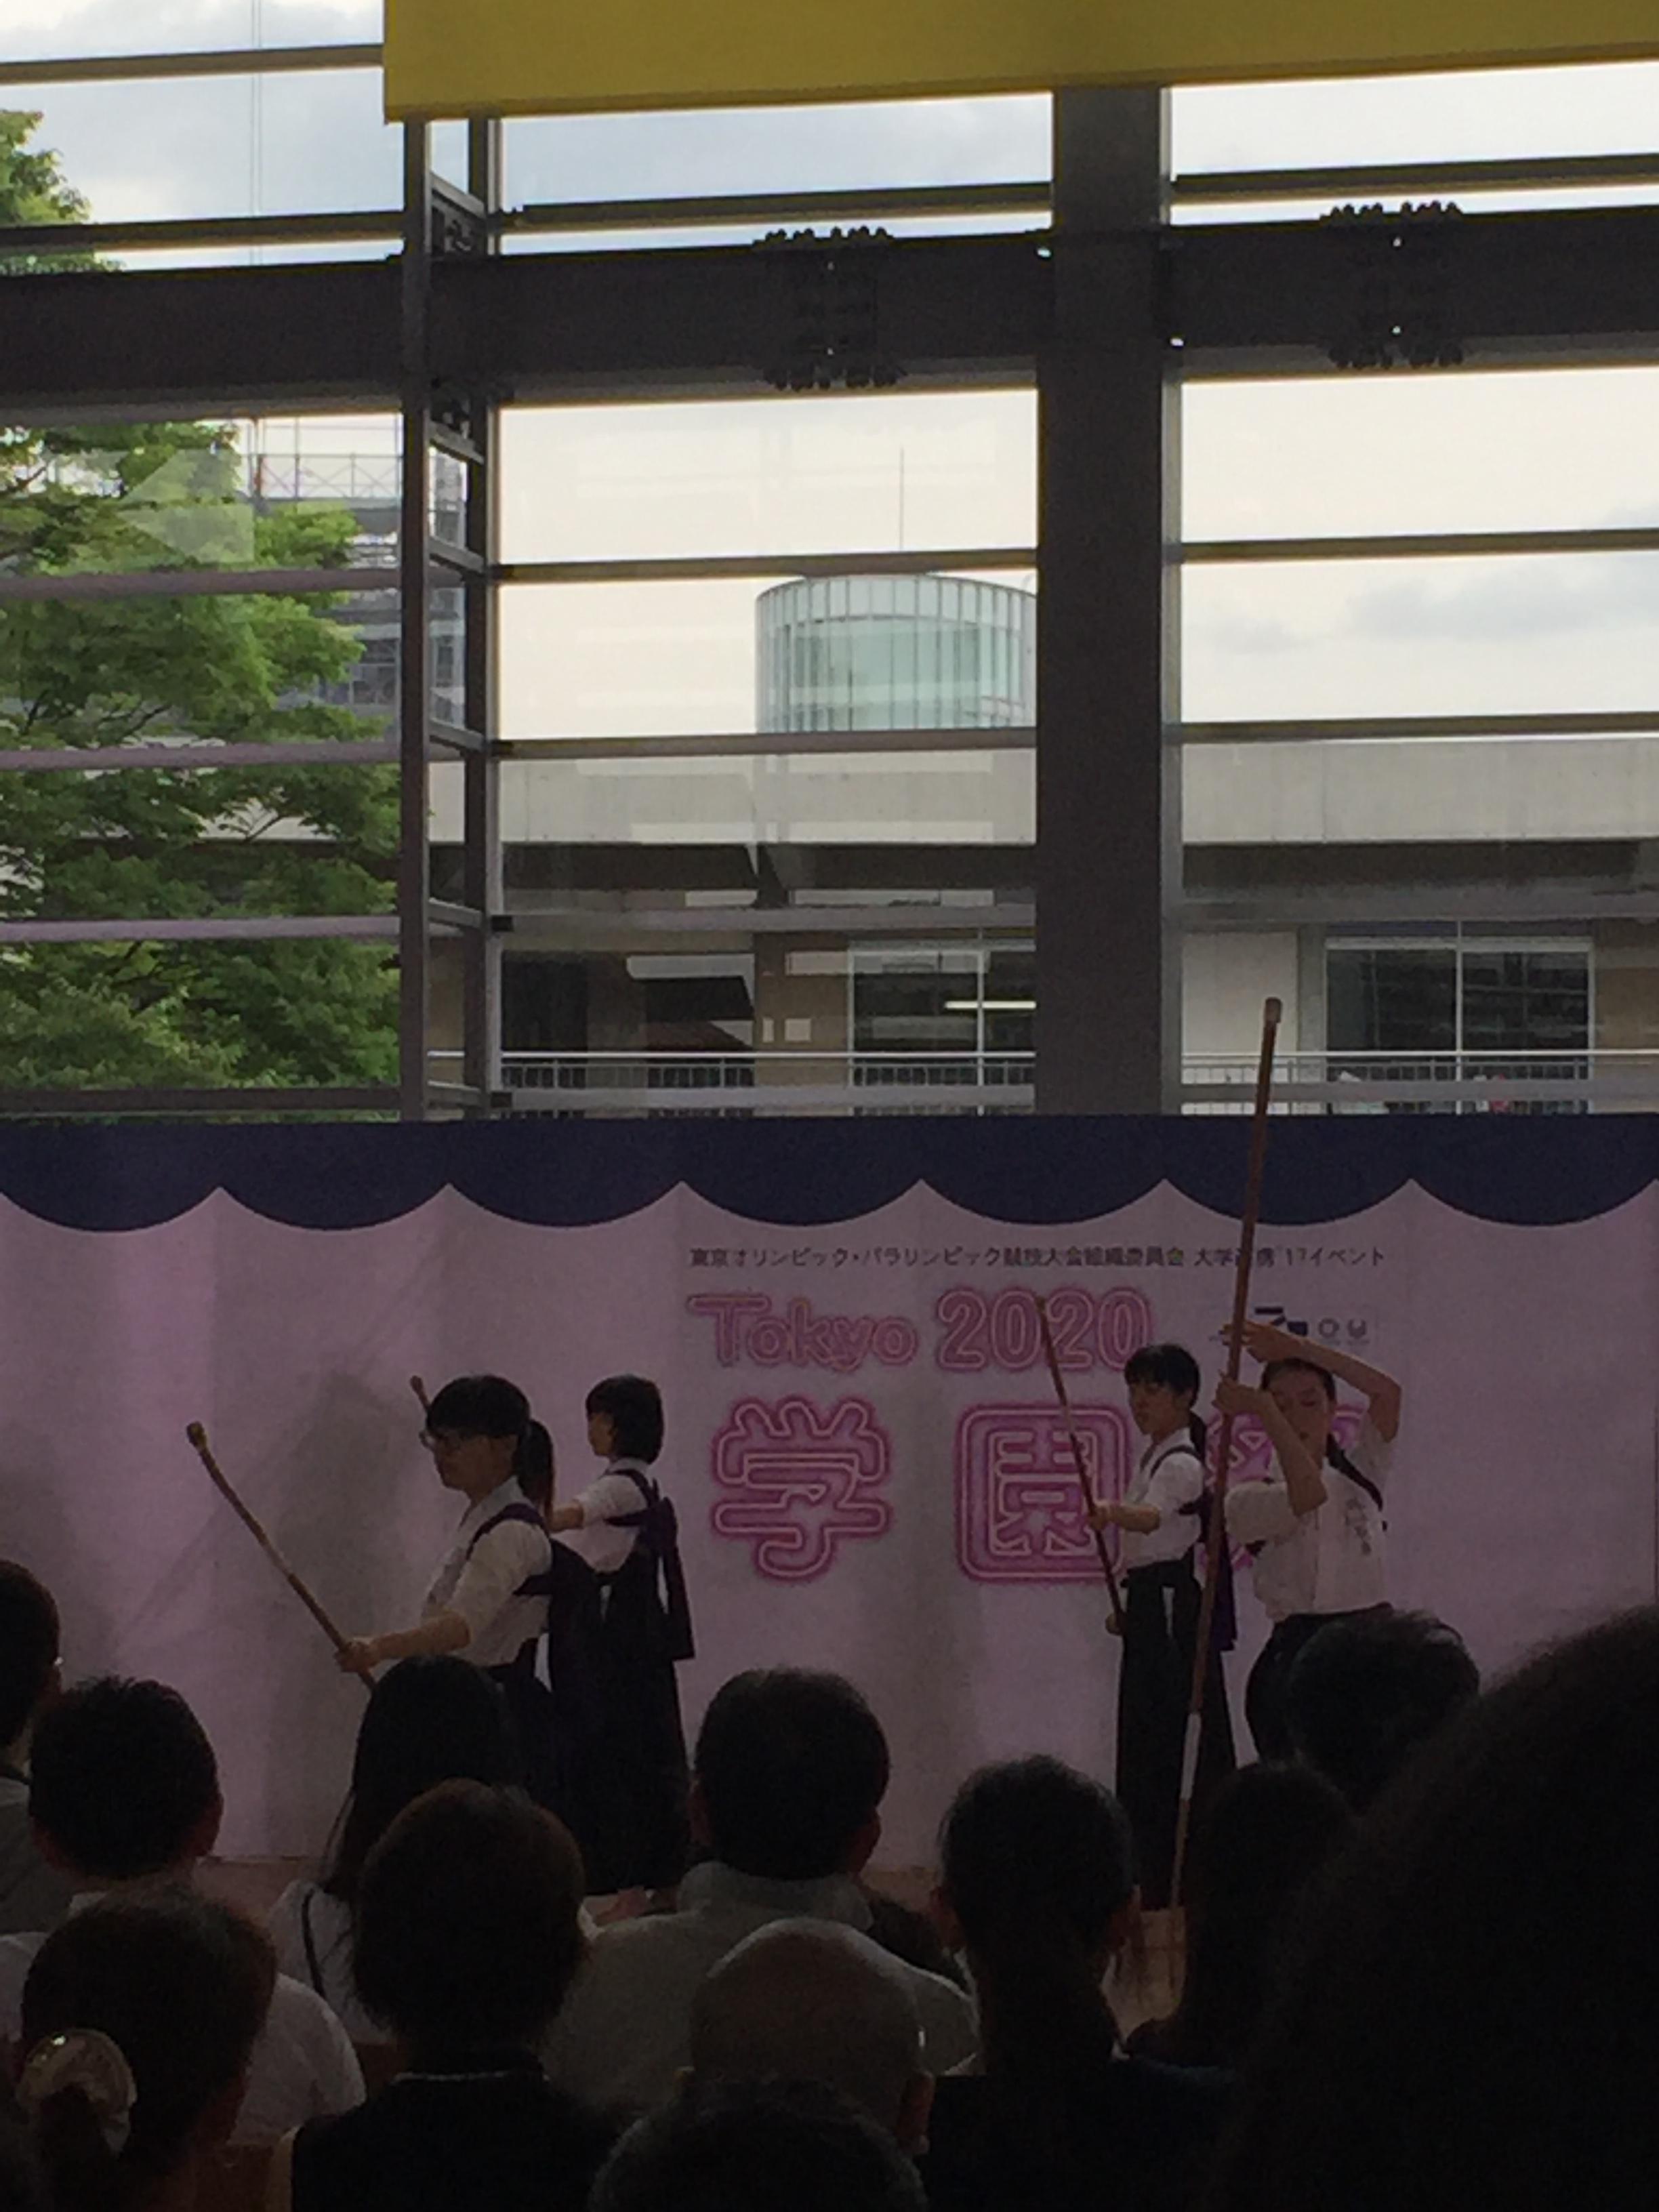 【2018】学生たちによる、Tokyo 2020学園祭 オリンピックパフォーマンス@明治学院大学白金キャンパス